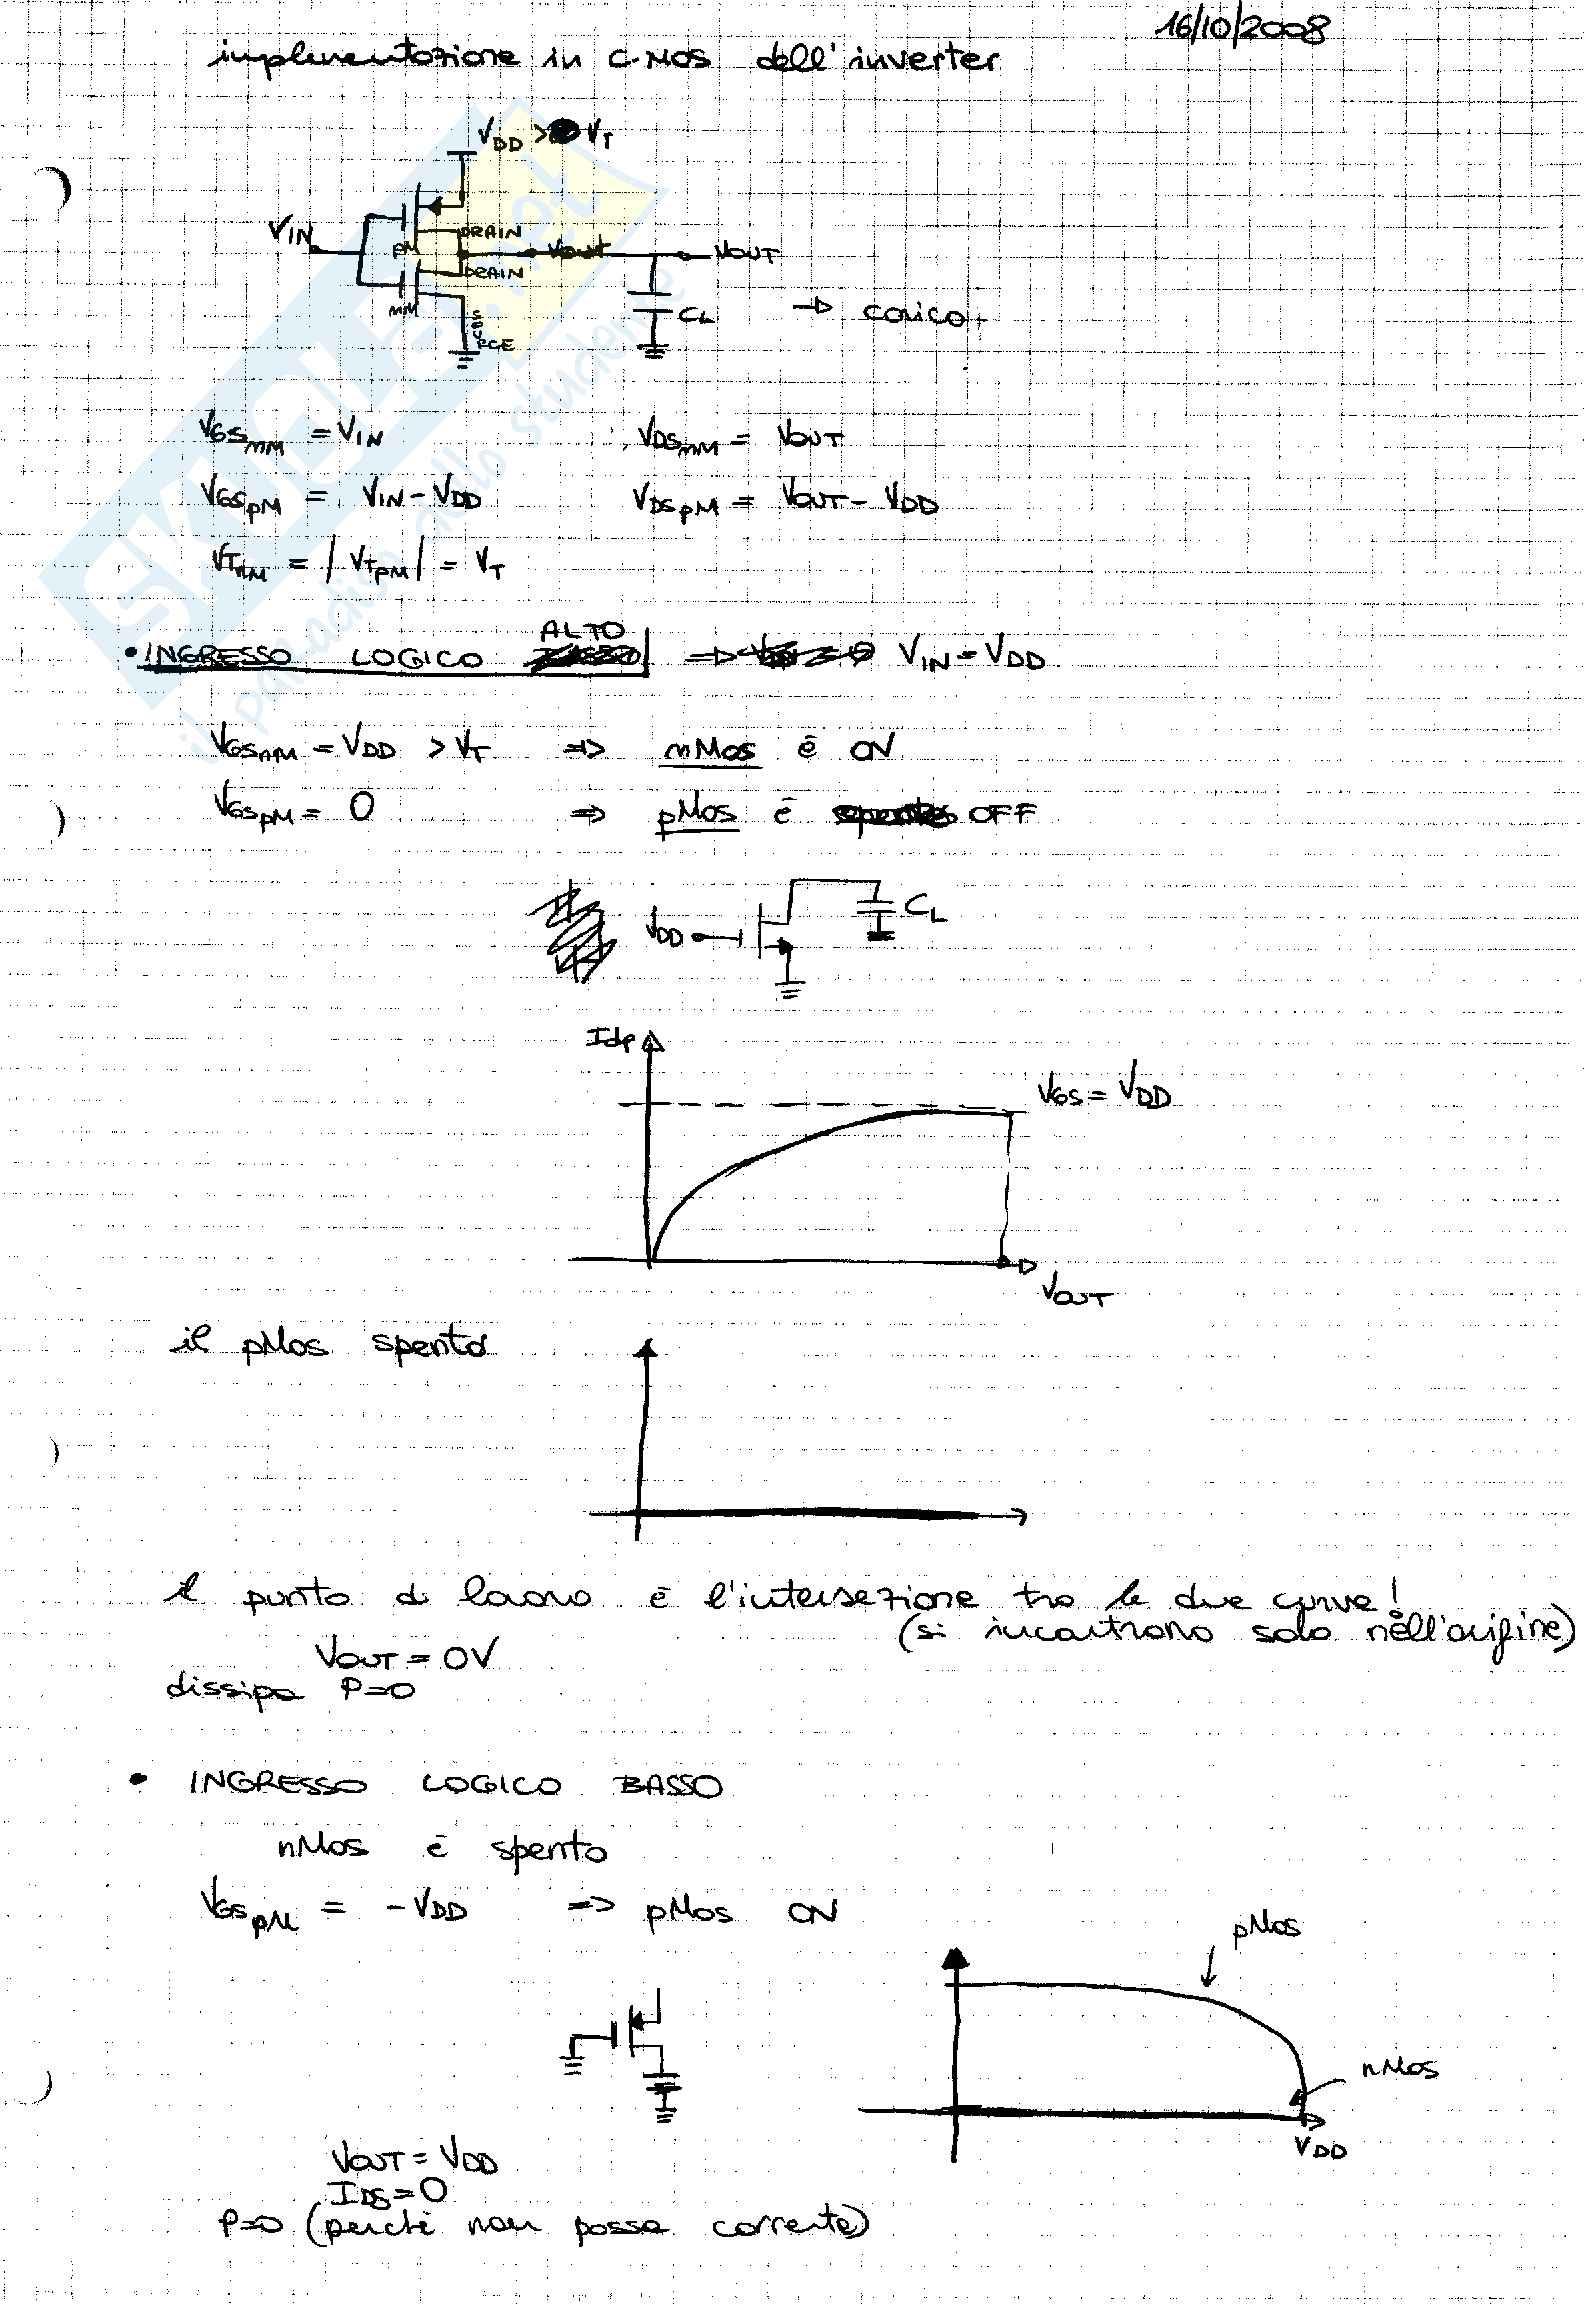 Fondamenti Di Elettronica Guazzoni Pag. 31